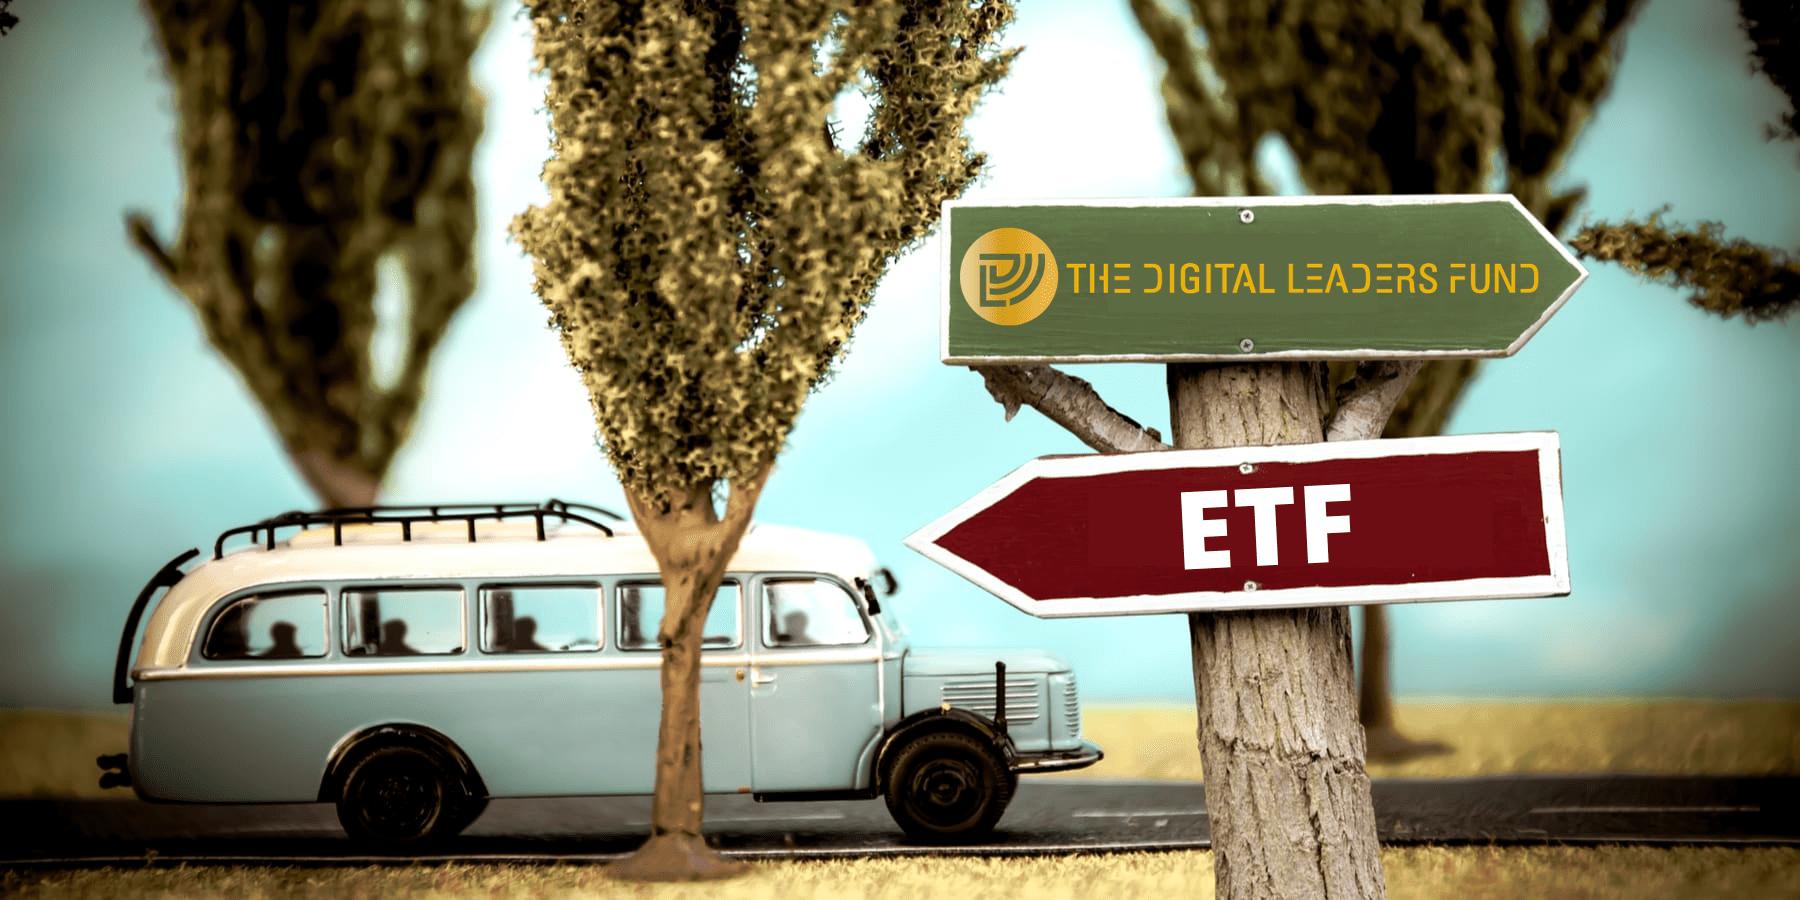 The Digital Leaders Fund oder doch lieber ein ETF?